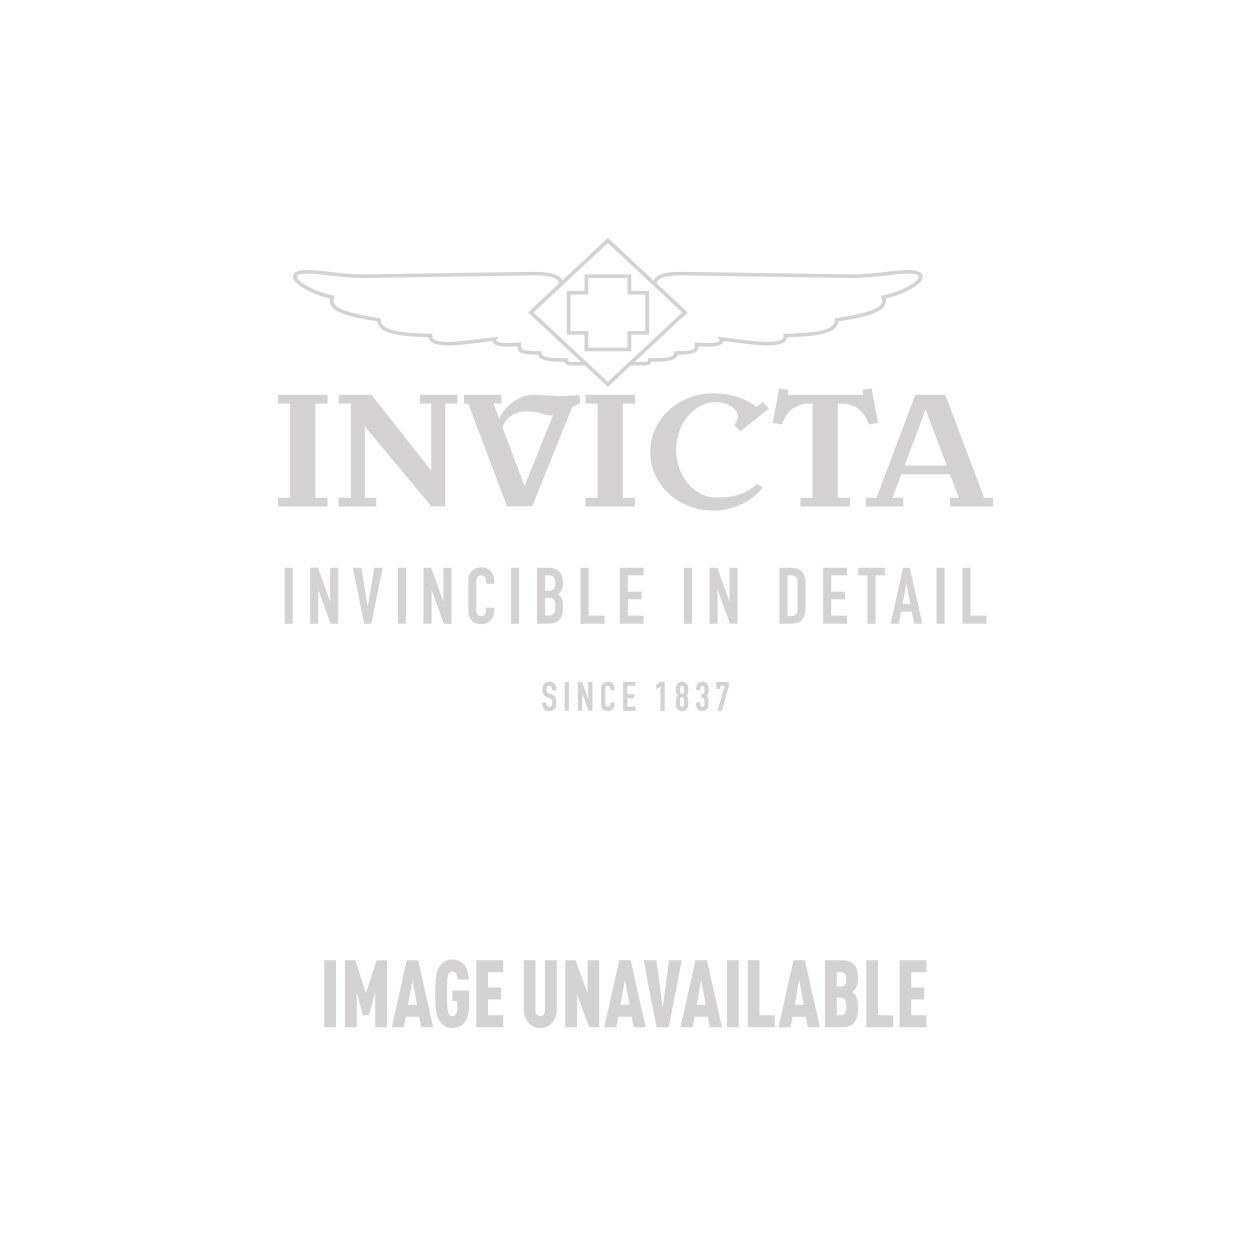 9e98656ad32 Invicta Disney Limited Edition Mickey Mouse Womens Quartz 32 mm ...